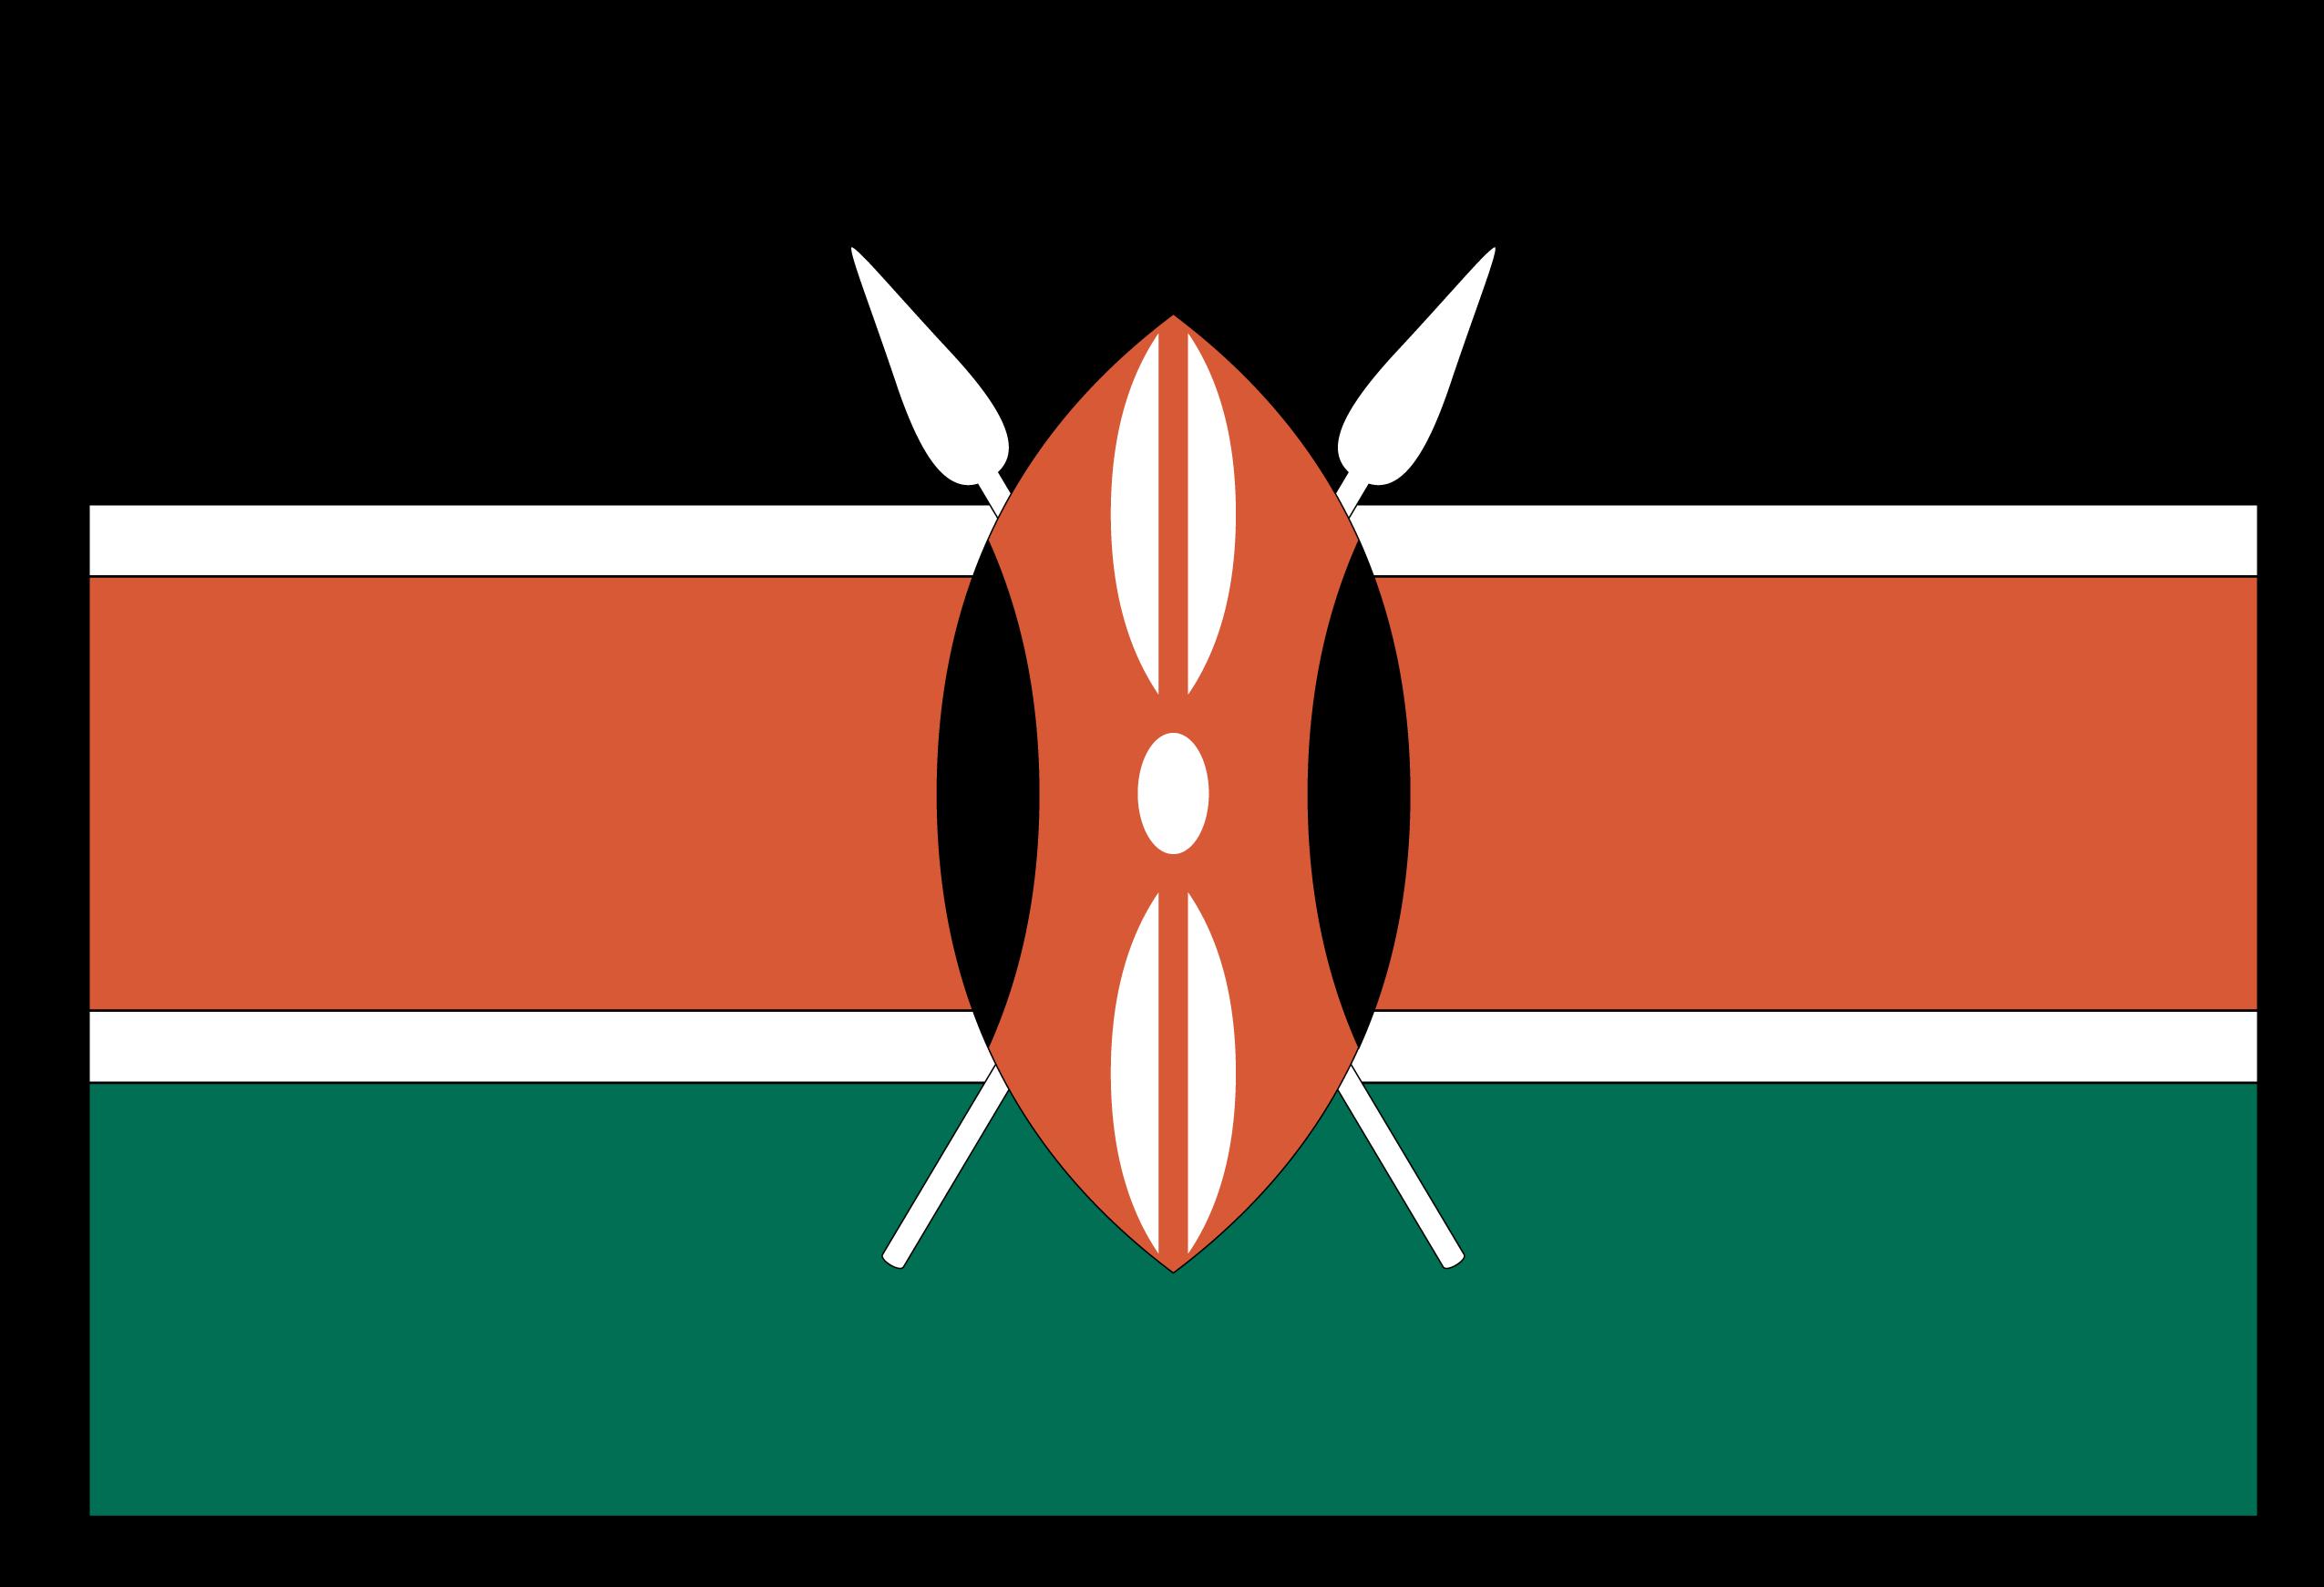 оберните картинка презентация флаг кении мой